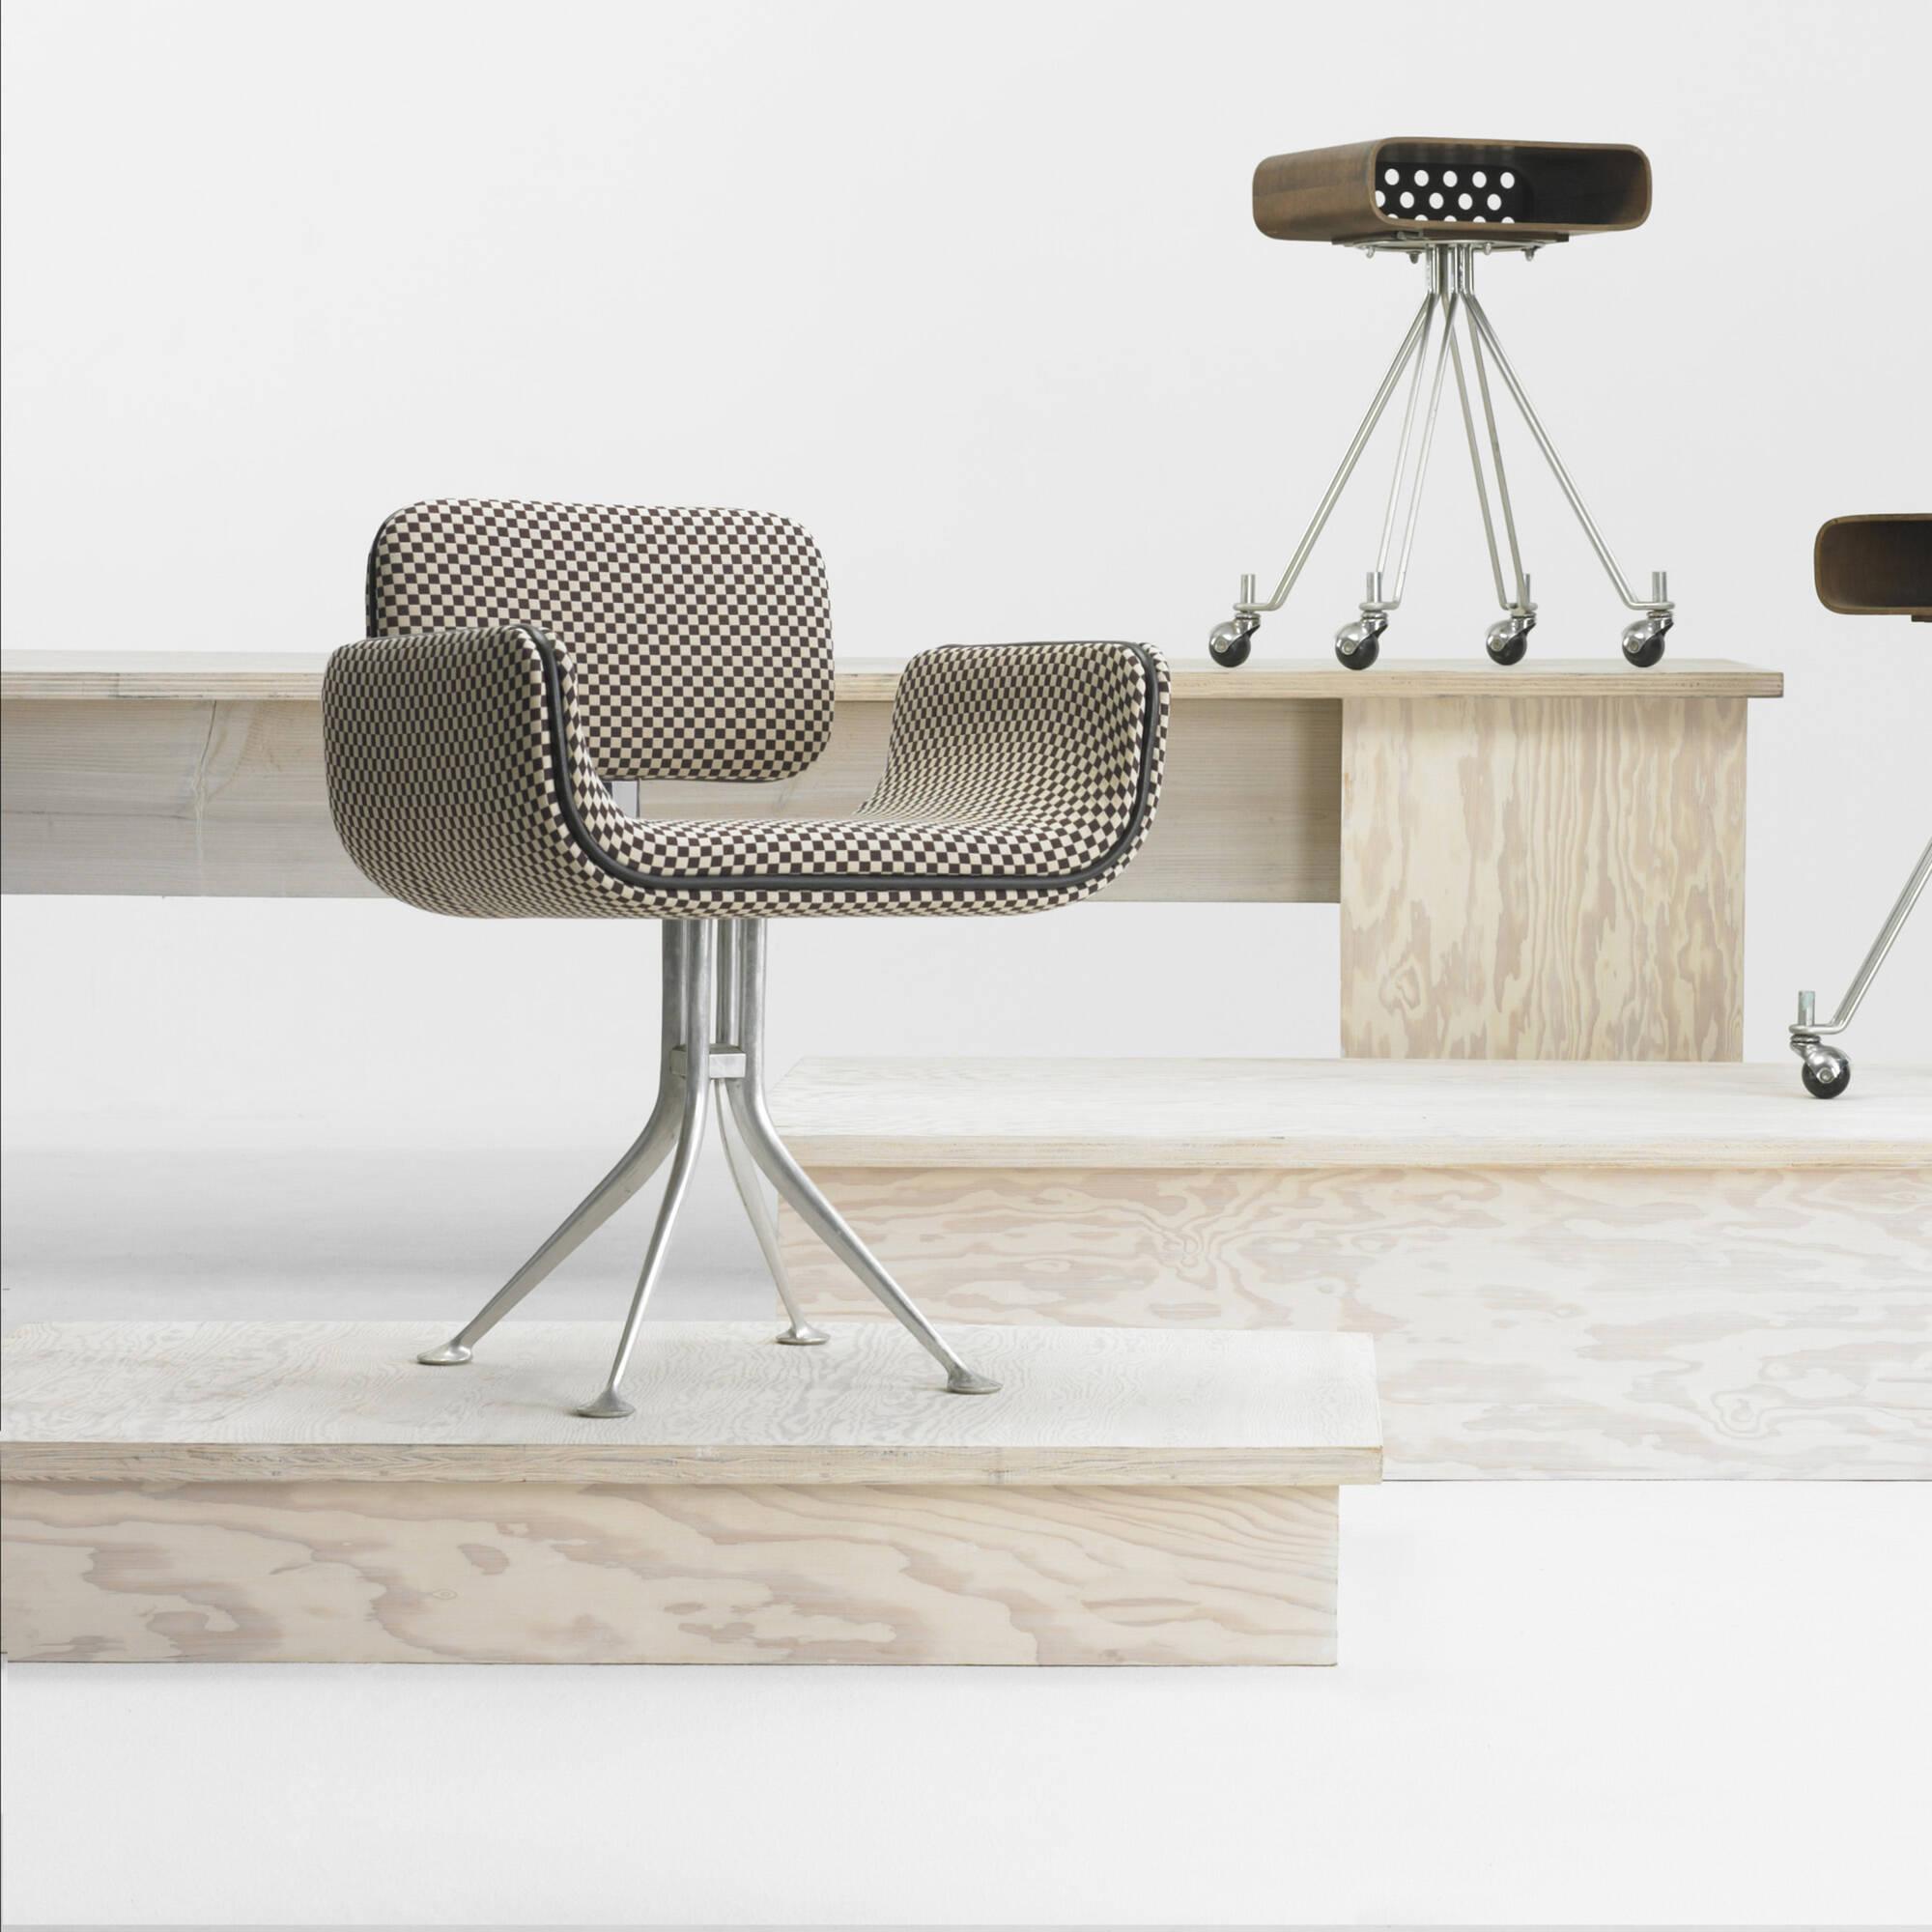 144 Alexander Girard armchair Modern Design 29 March 2012